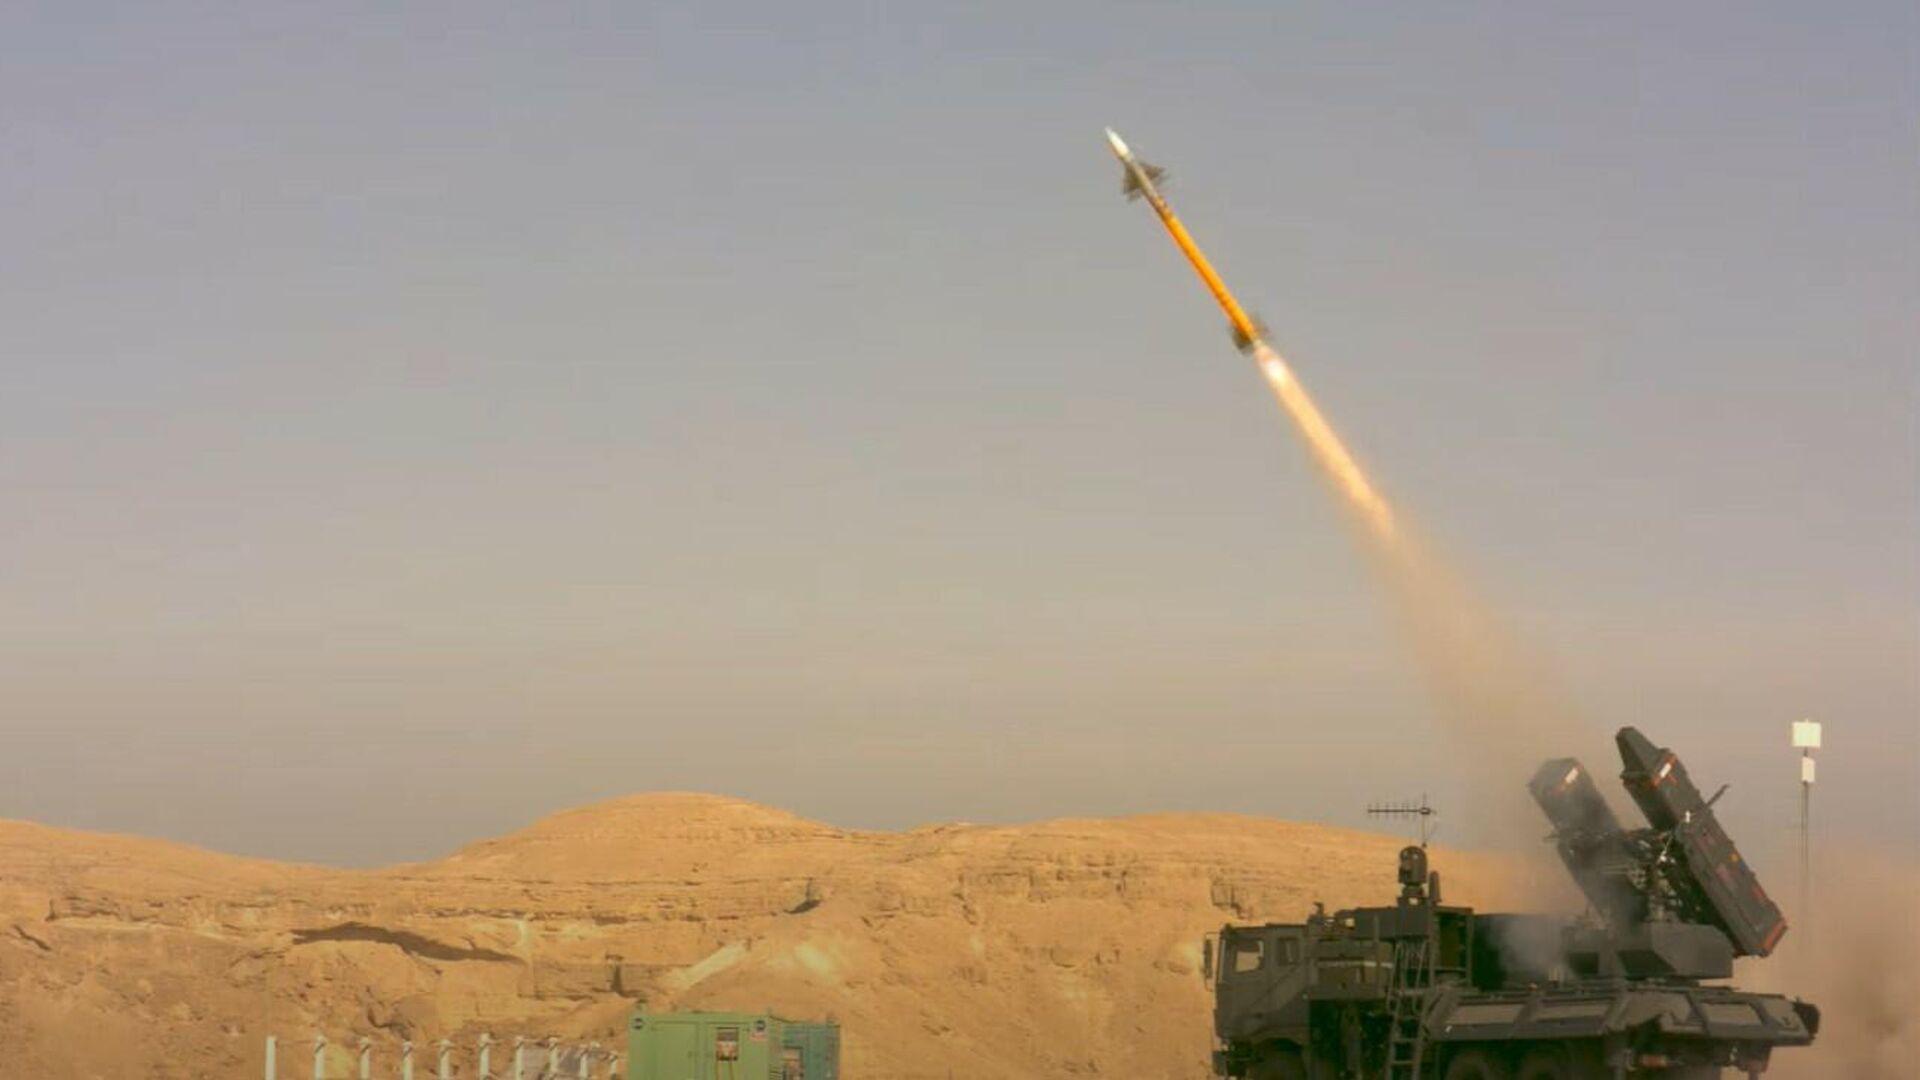 Prueba de una versión modernizada del misil aire-aire israelí I-Derby ER  - Sputnik Mundo, 1920, 26.02.2021